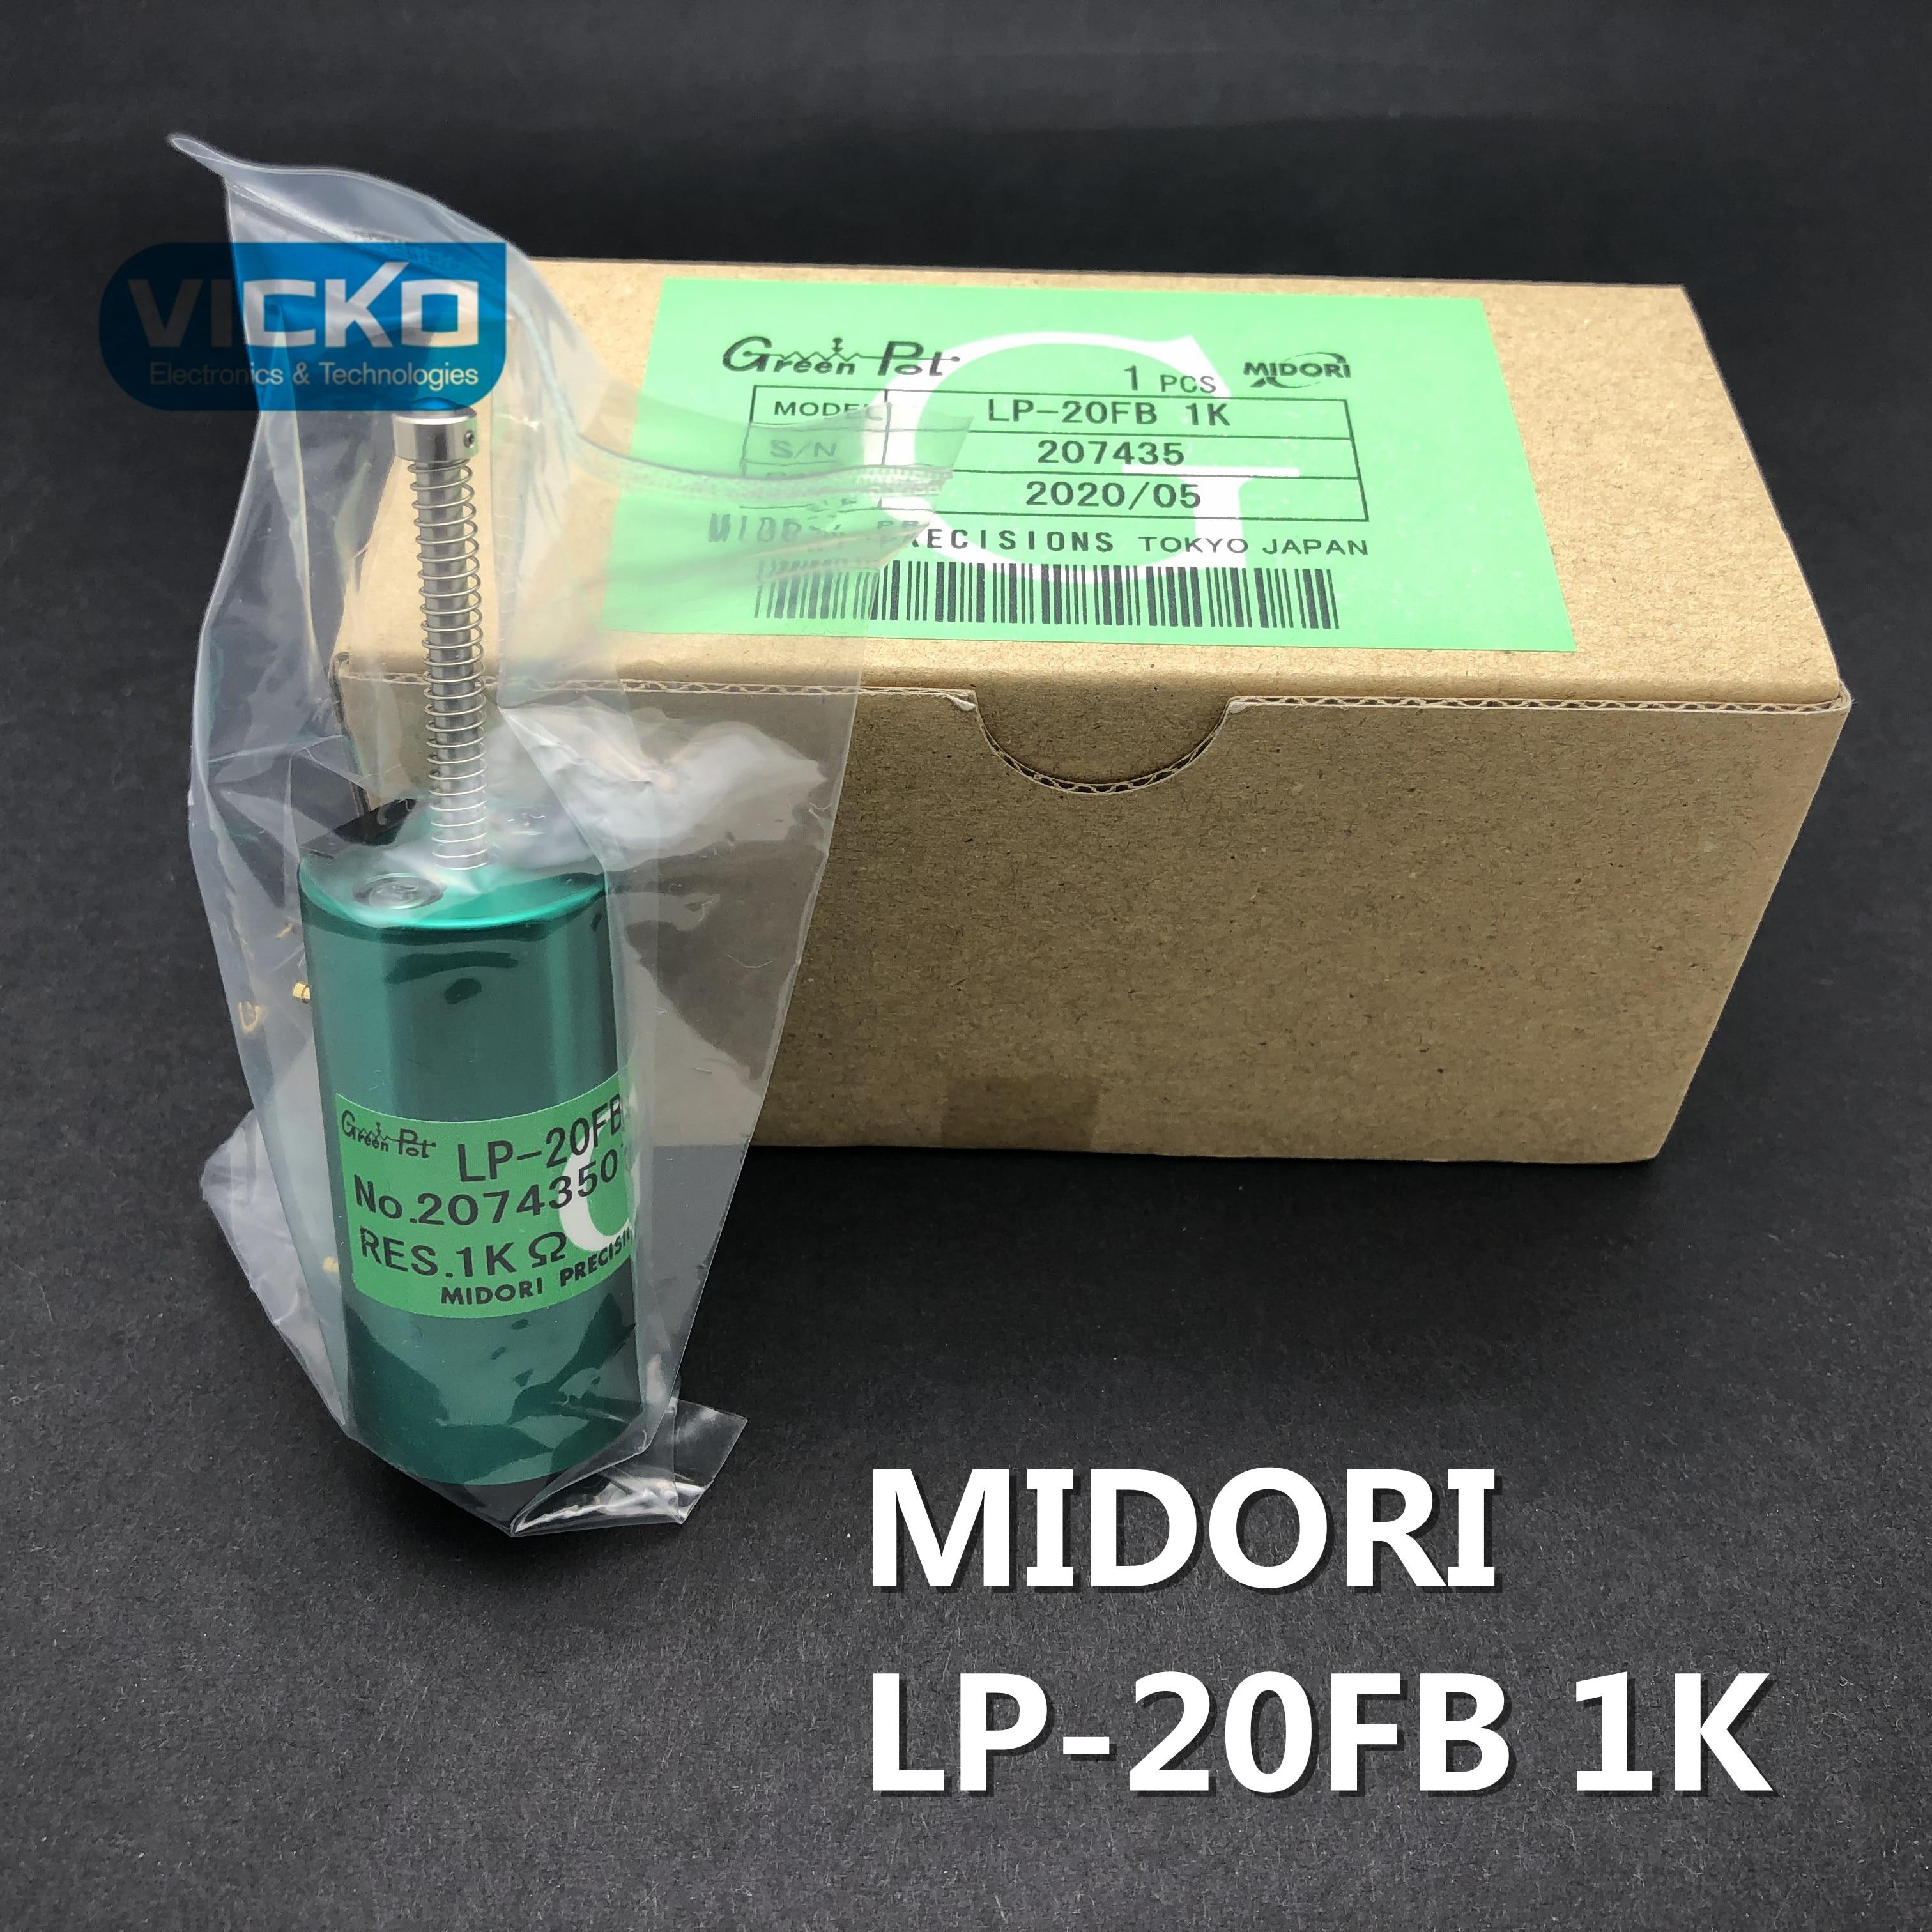 [VK] ميدوري LP-20F ب 1K LP-20FB 1K الجهد غير الاتصال قاعة الخطي الاستشعار التبديل